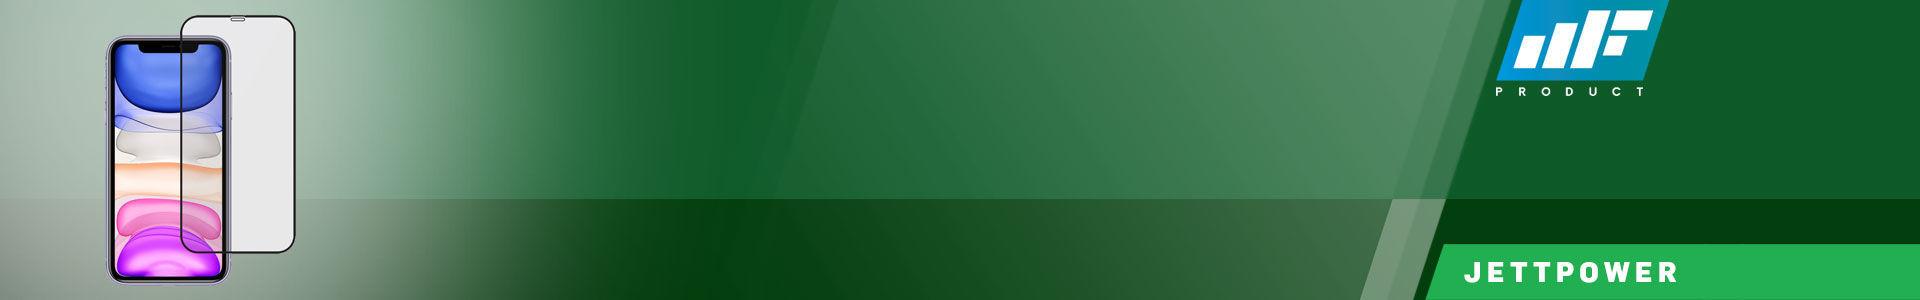 MF Product Jettpower 0391 Premium Ekran Koruyucu Cam iPhone Xr/11 tam sana göre!